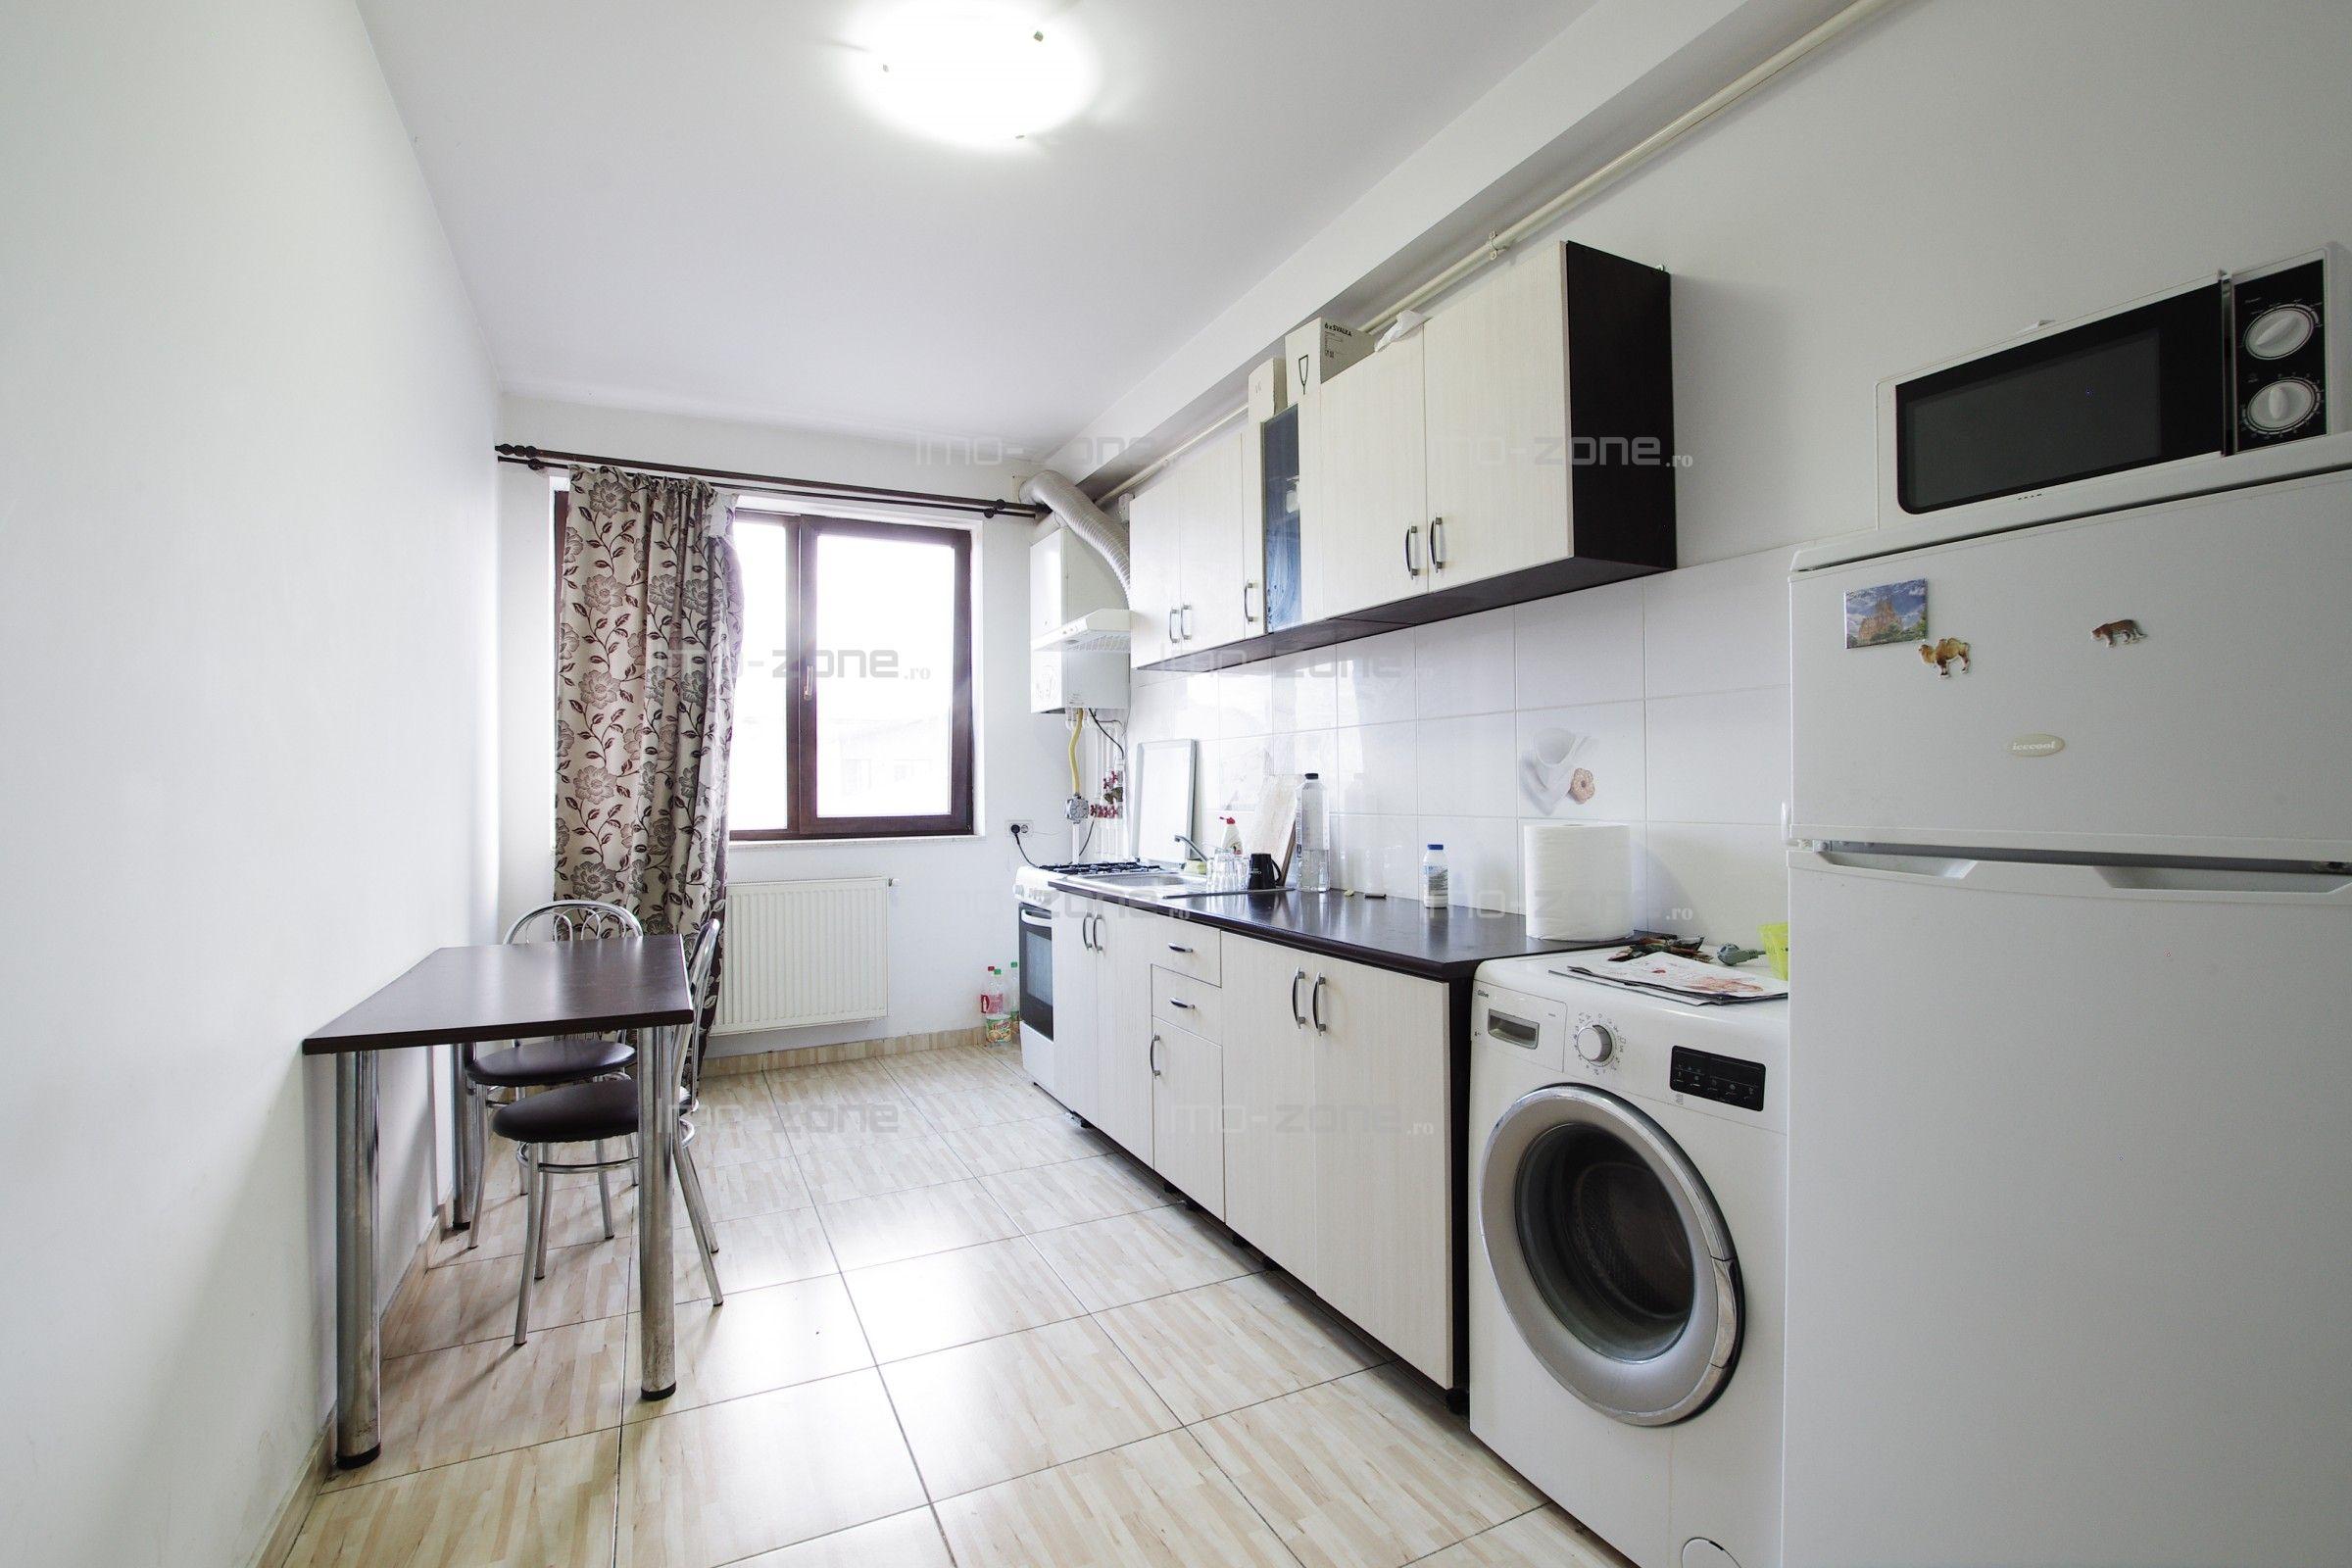 Apartament 2 camere Drumul Taberei, Drumul Cooperativei, comision 0%, statii STB